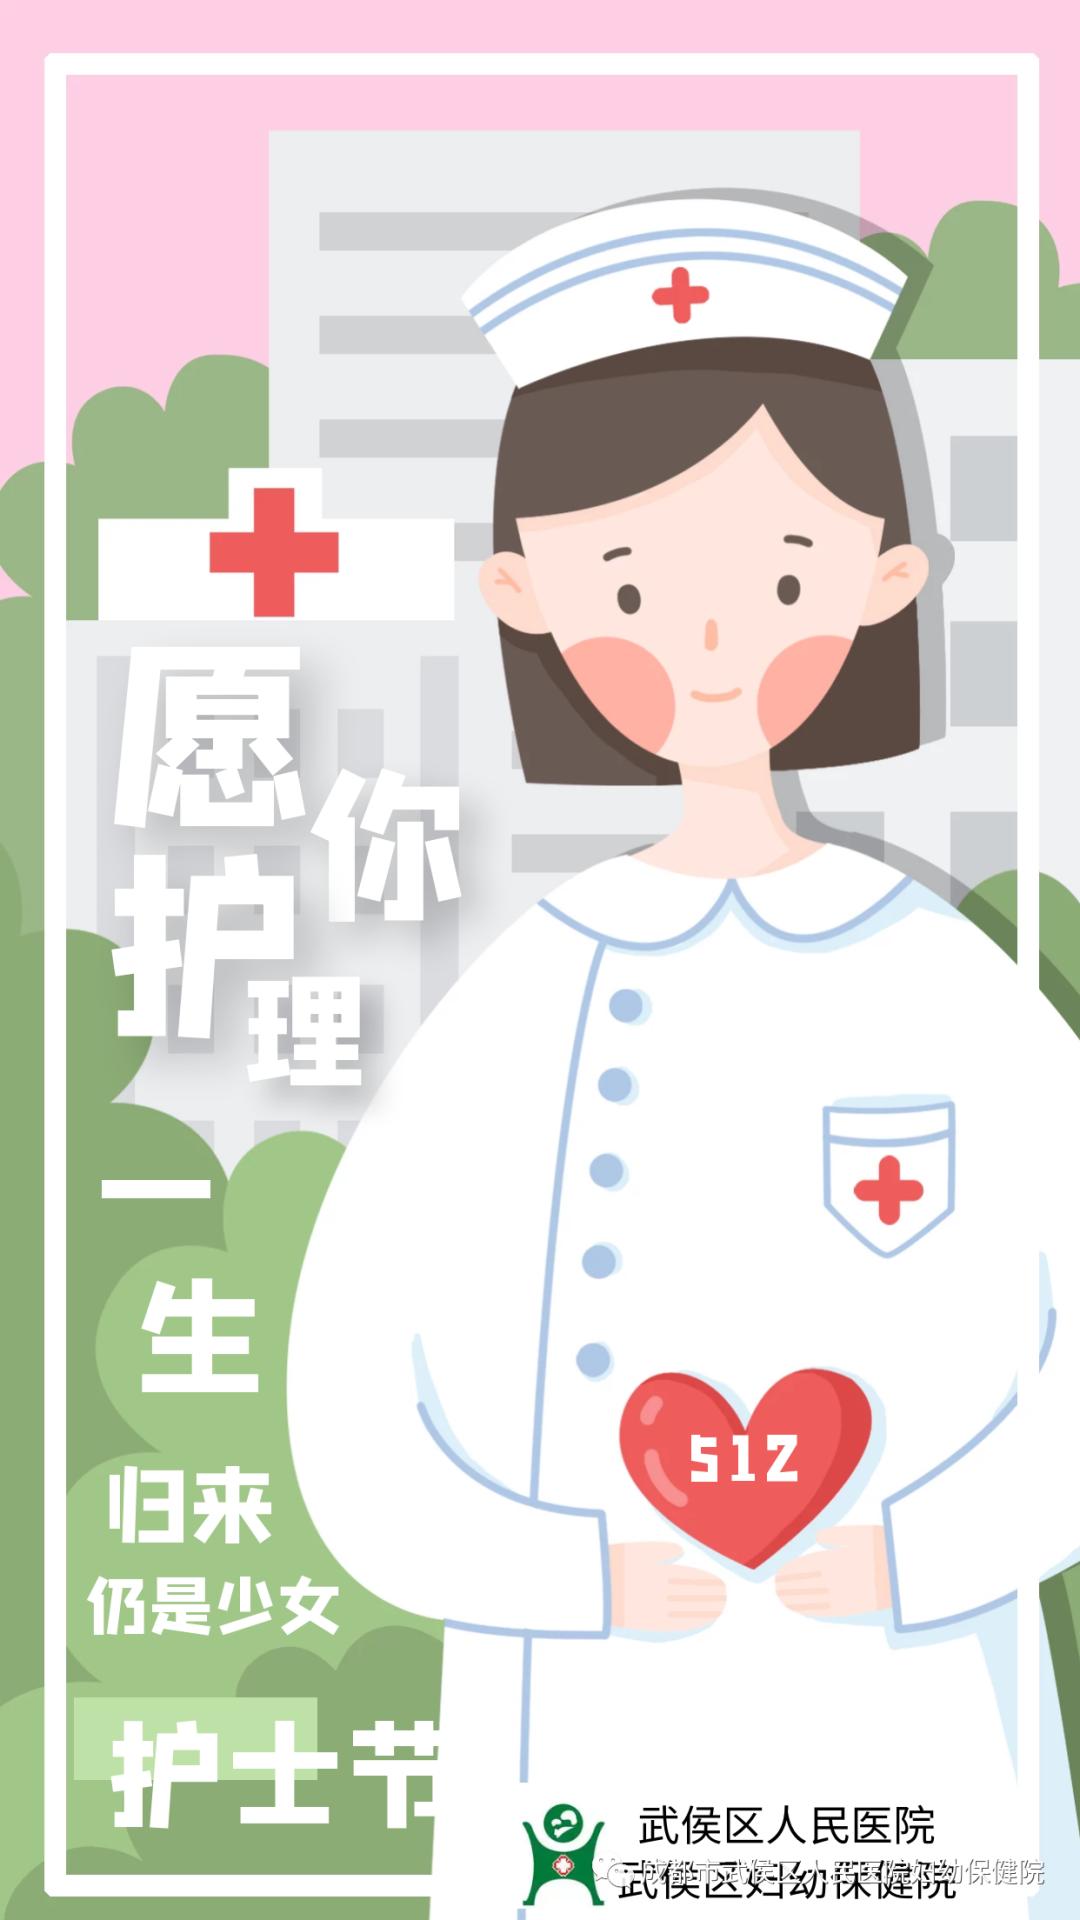 5·12国际护士节   愿你护理一生,归来仍是少女——祝广大护士节日快乐